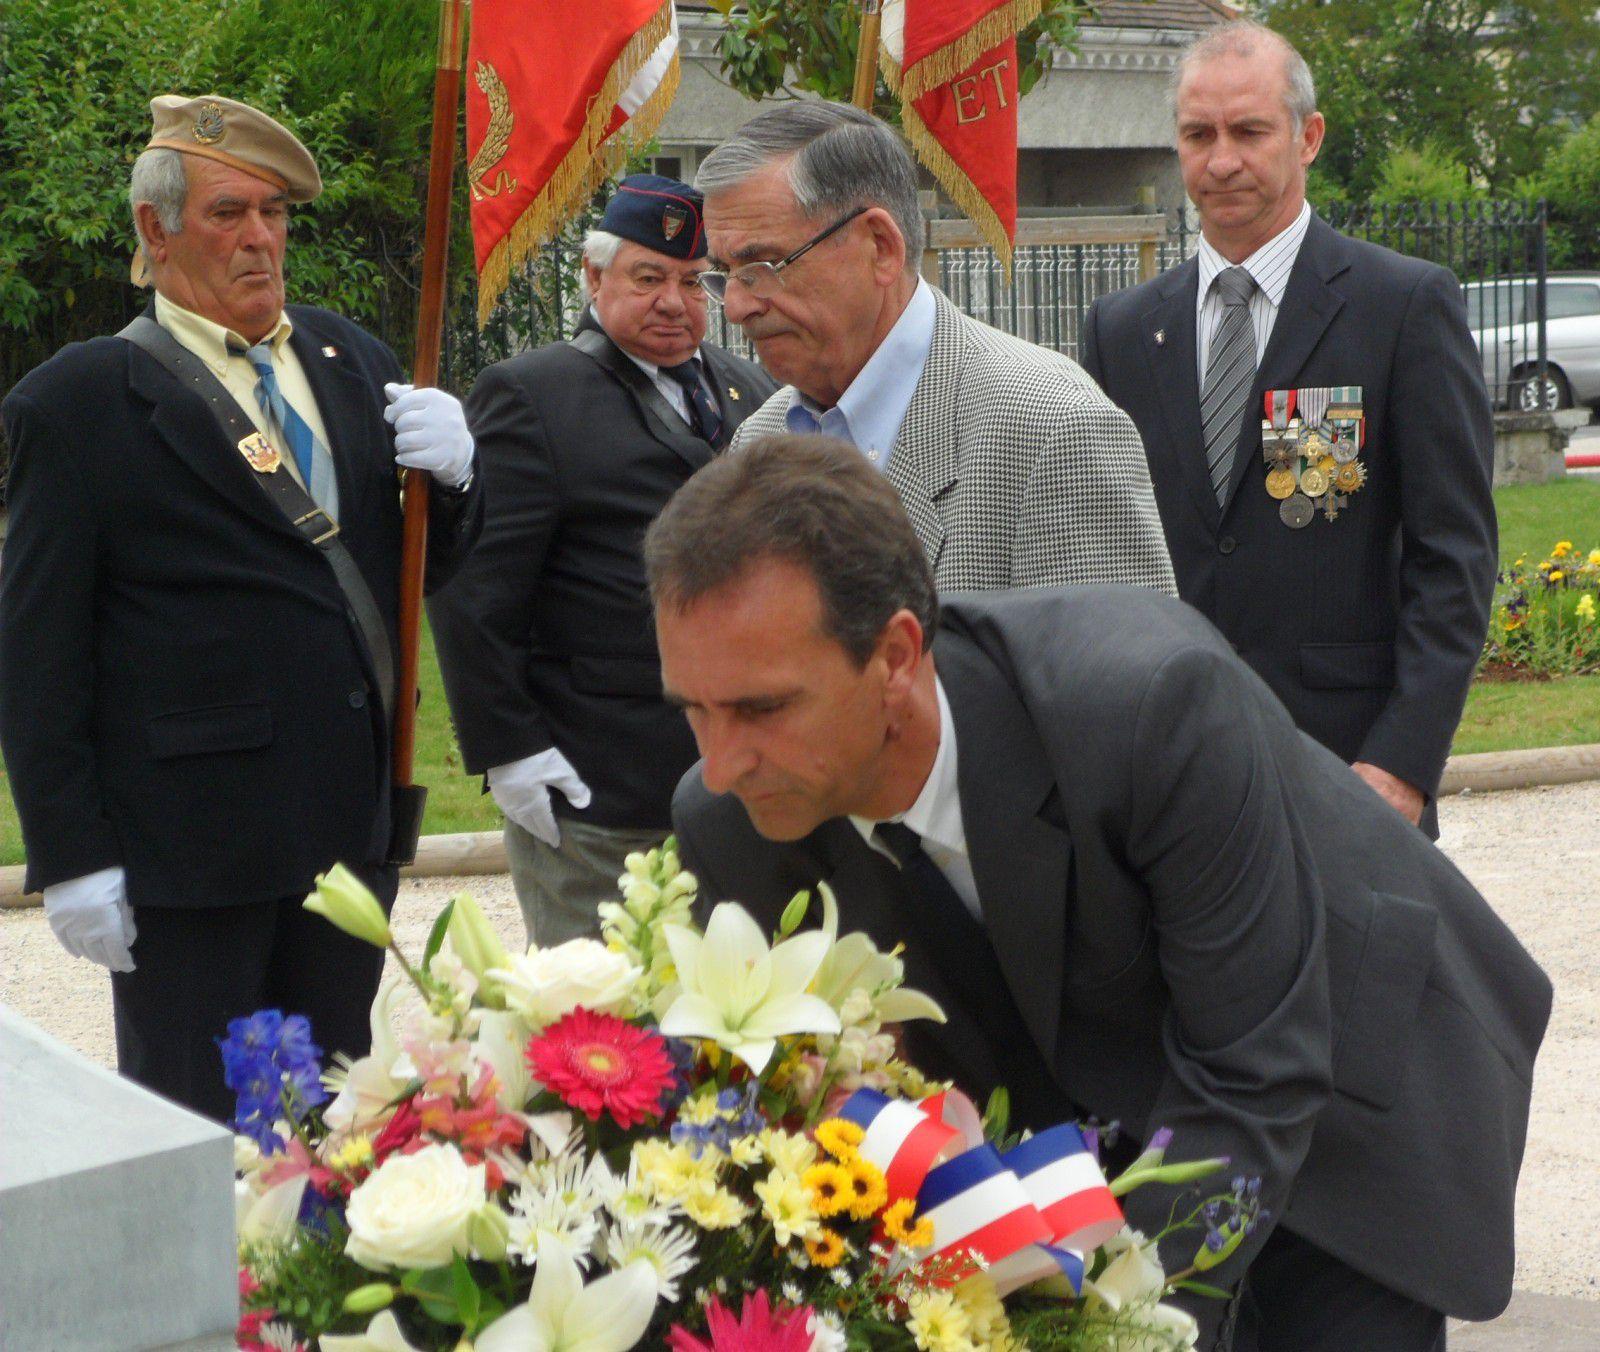 Notre porte drapeau Louis Laporte-Fauret, à droite de la photo